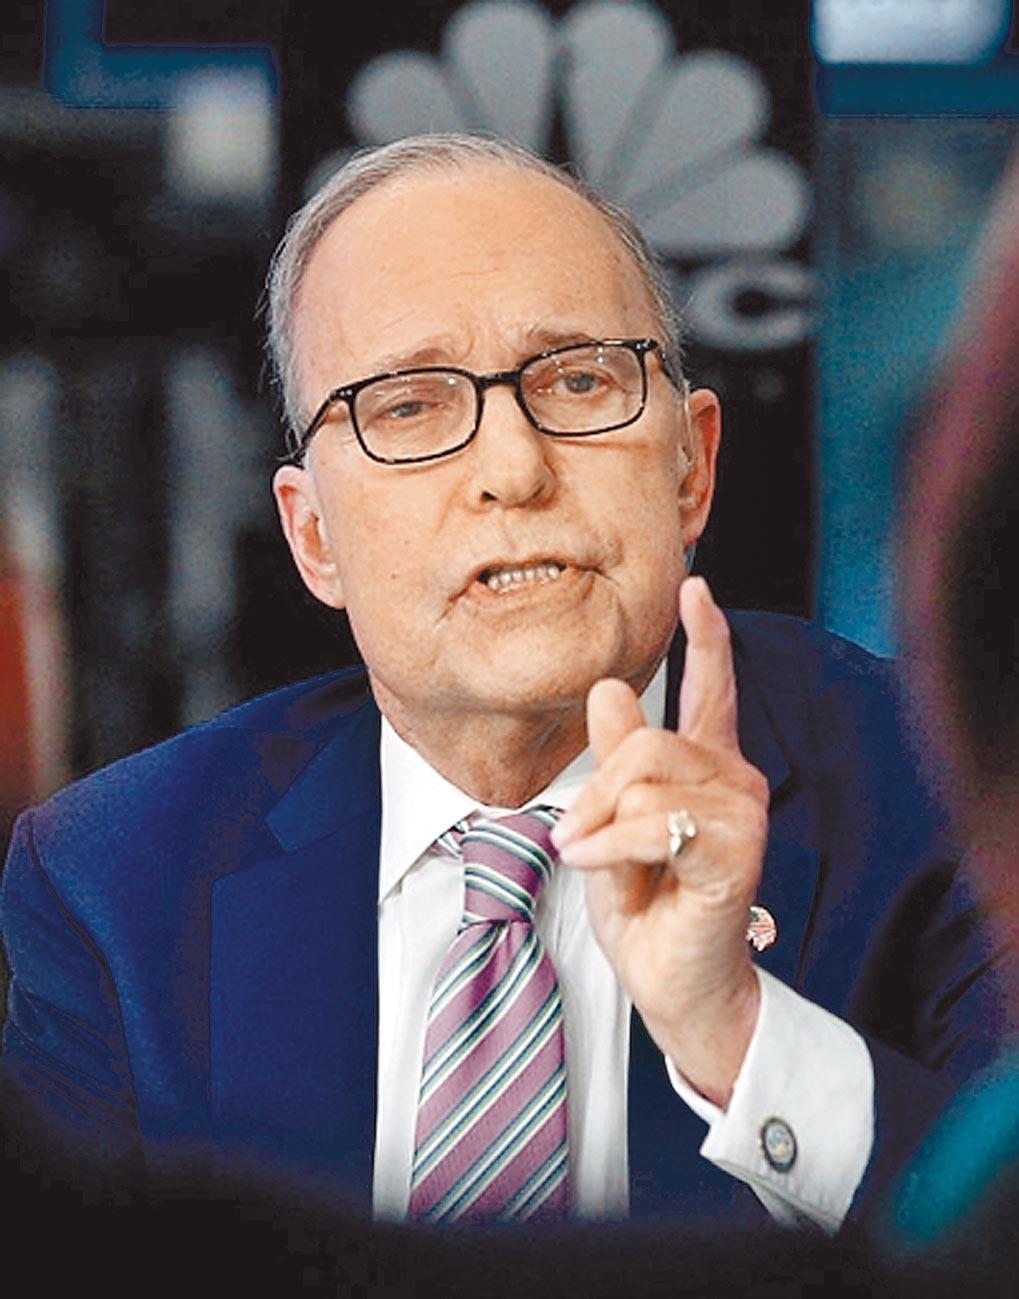 白宮經濟顧問庫德洛表示,美國與中國即將達成貿易協議。(摘自新華網)